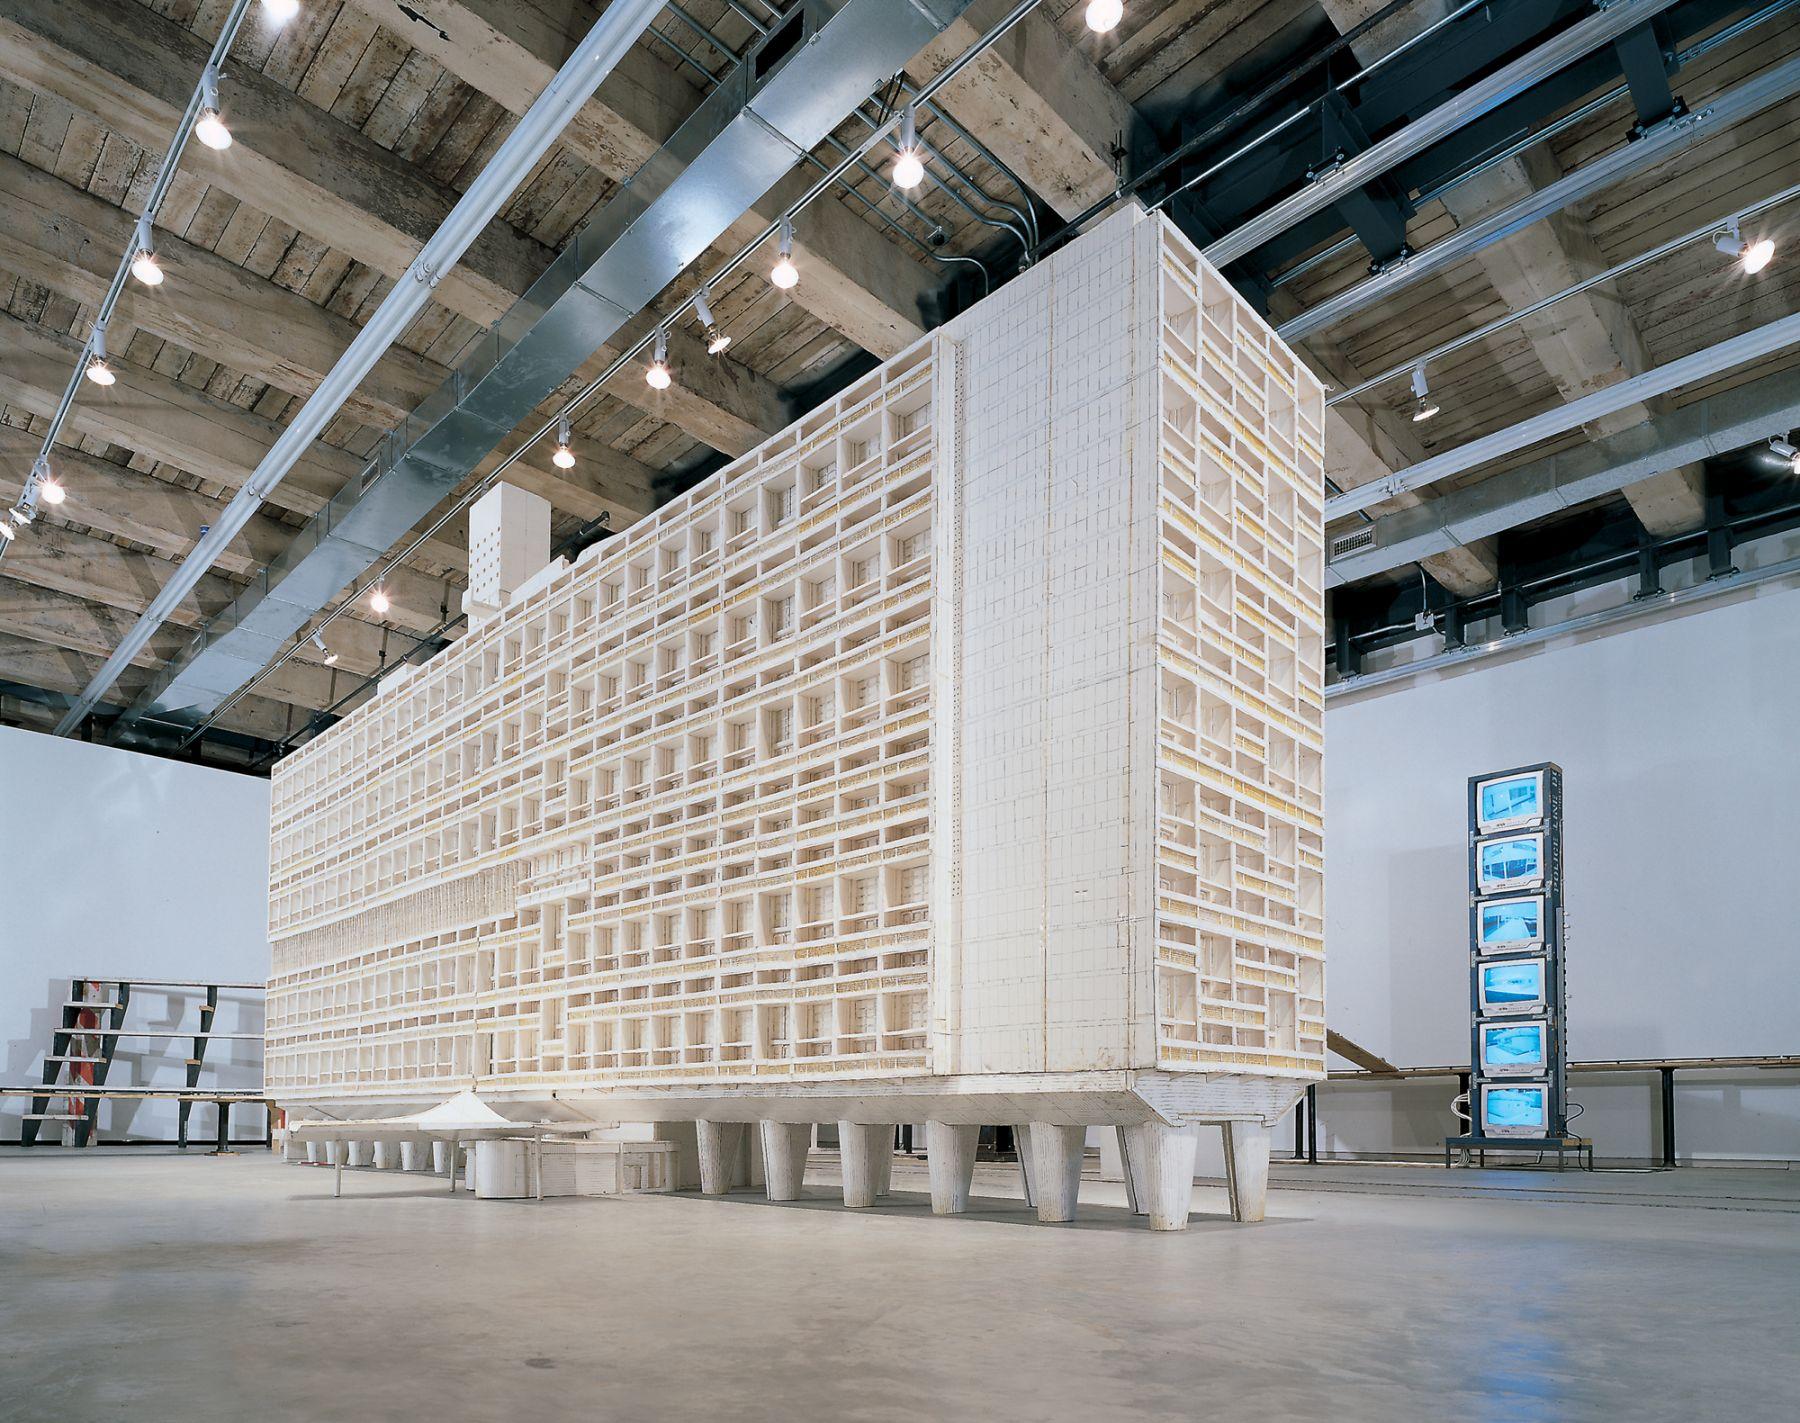 Installation view, Tom Sachs,Nutsy's, Deutsche Guggenheim, Berlin, Germany, 2003